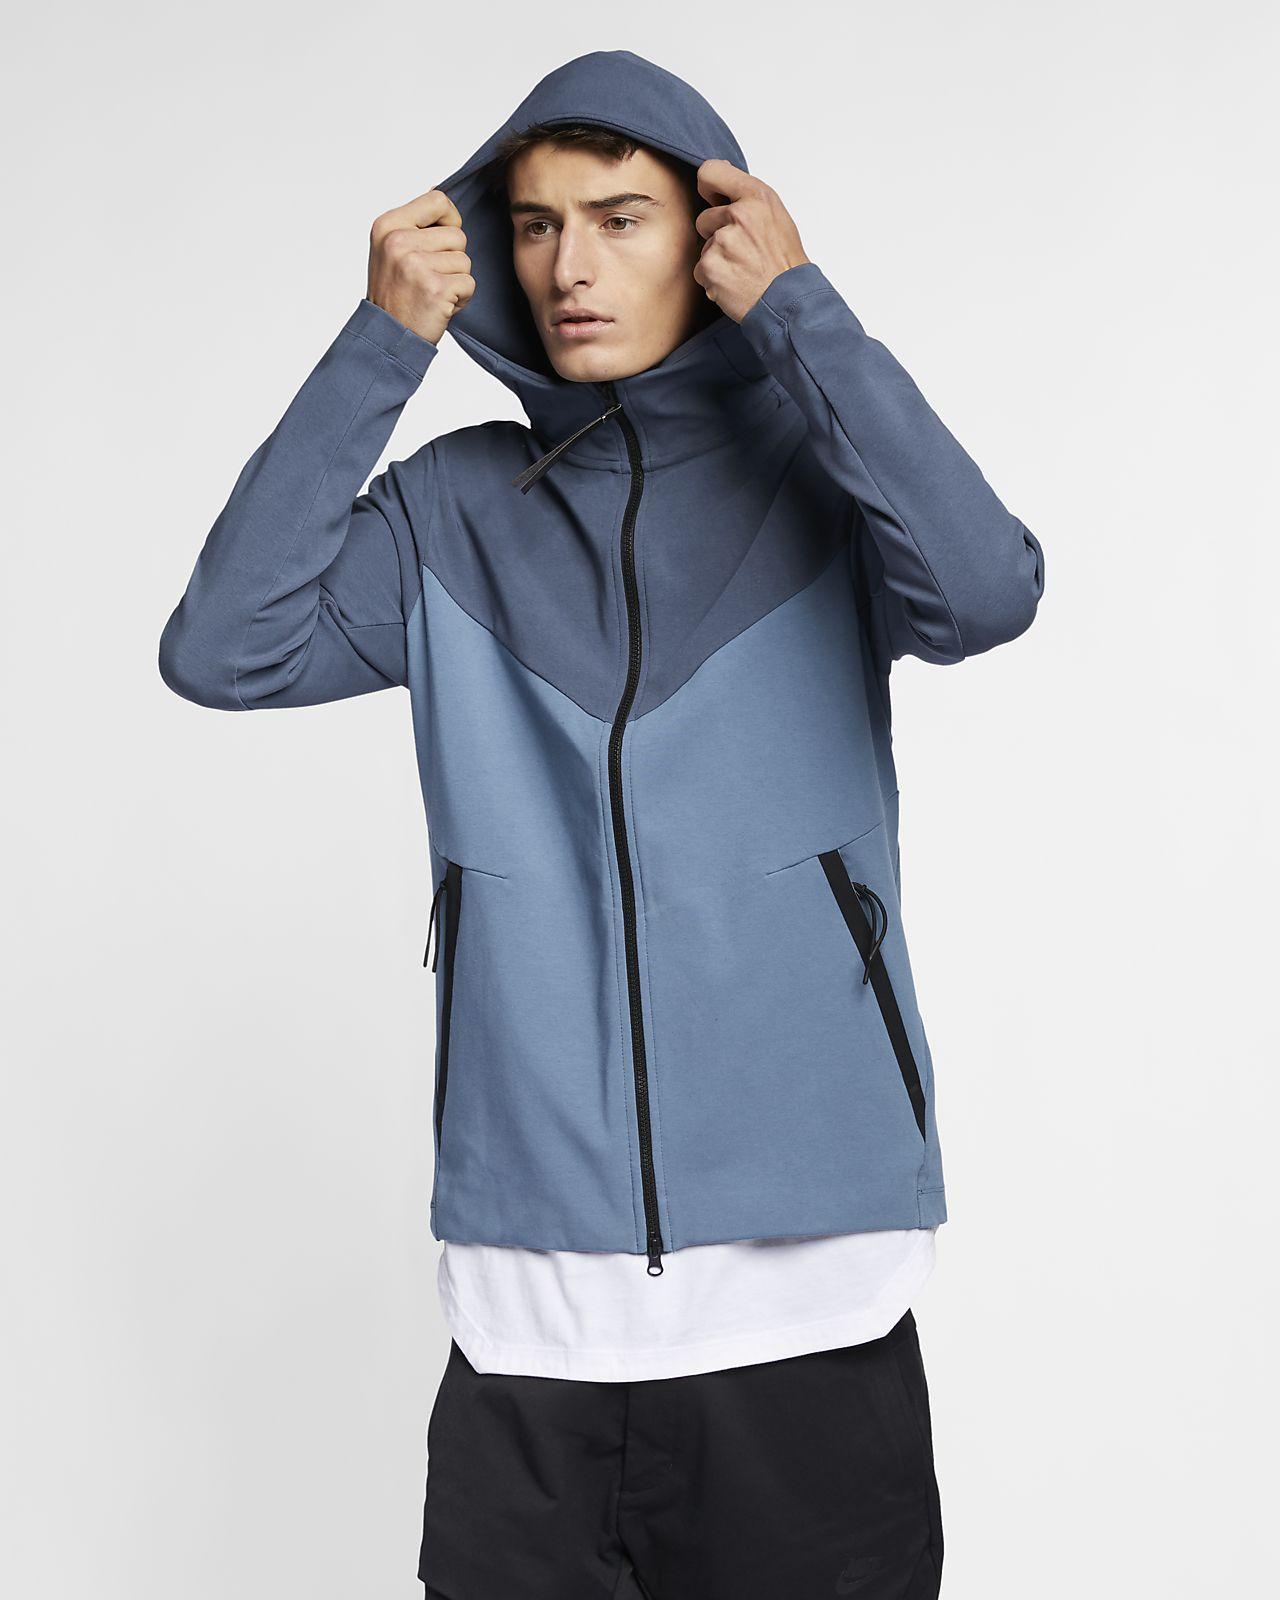 Nike Sportswear Tech Pack 男款全長式拉鍊針織連帽上衣